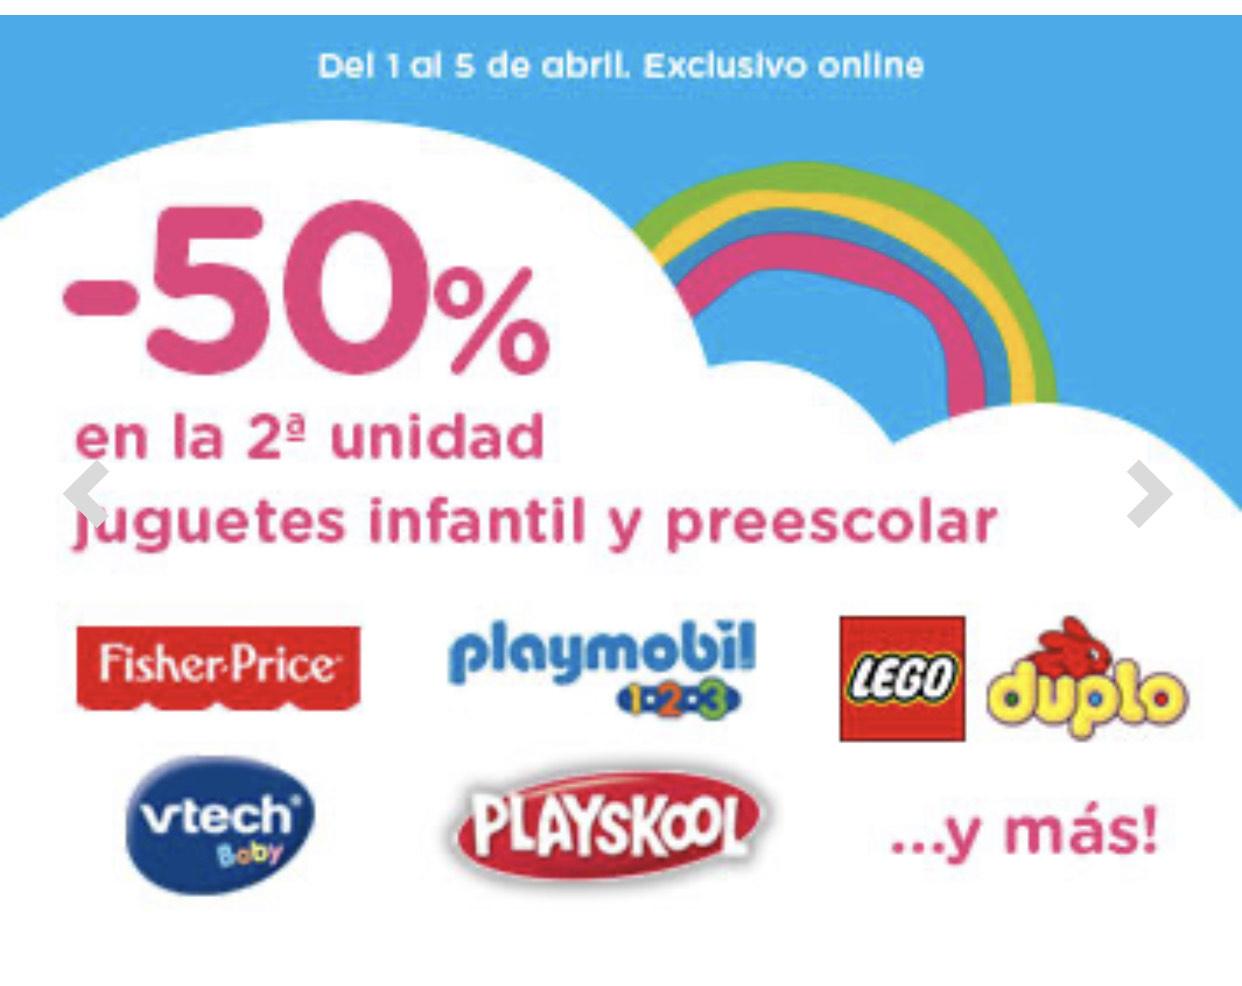 Juguetes infantiles: 2a unidad al 50%